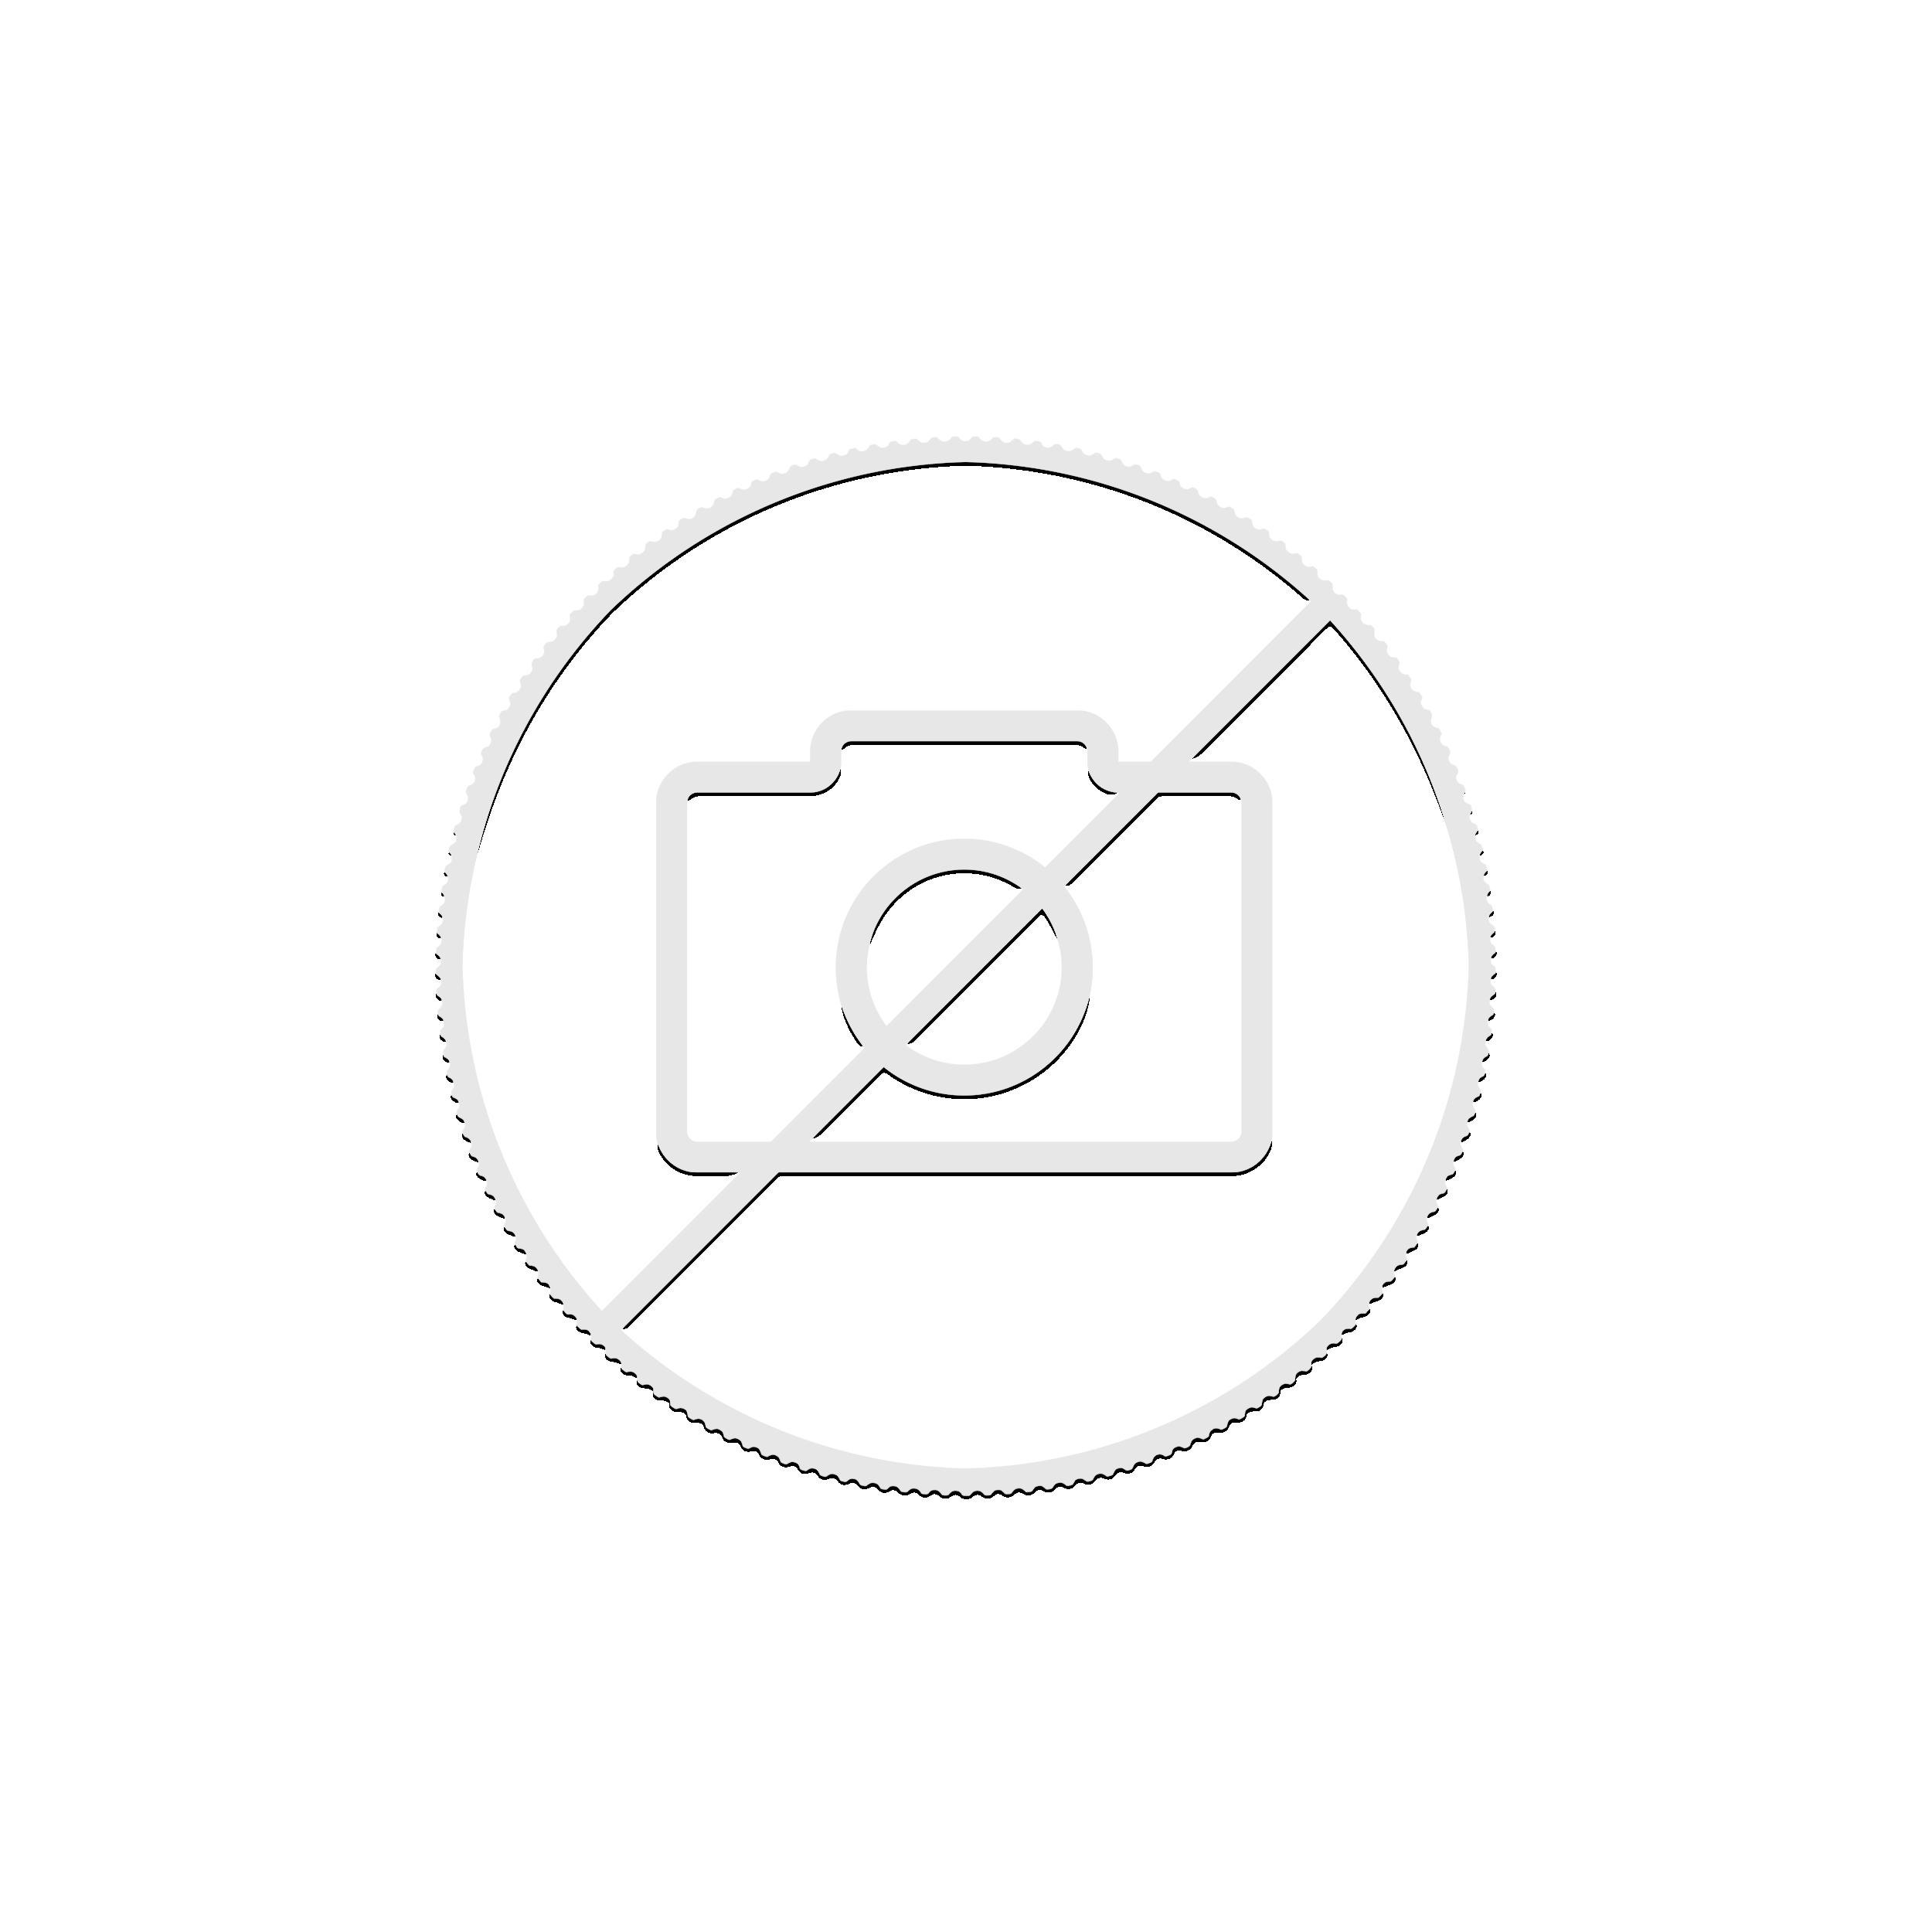 Krugerrand goud 1/4 troy ounce